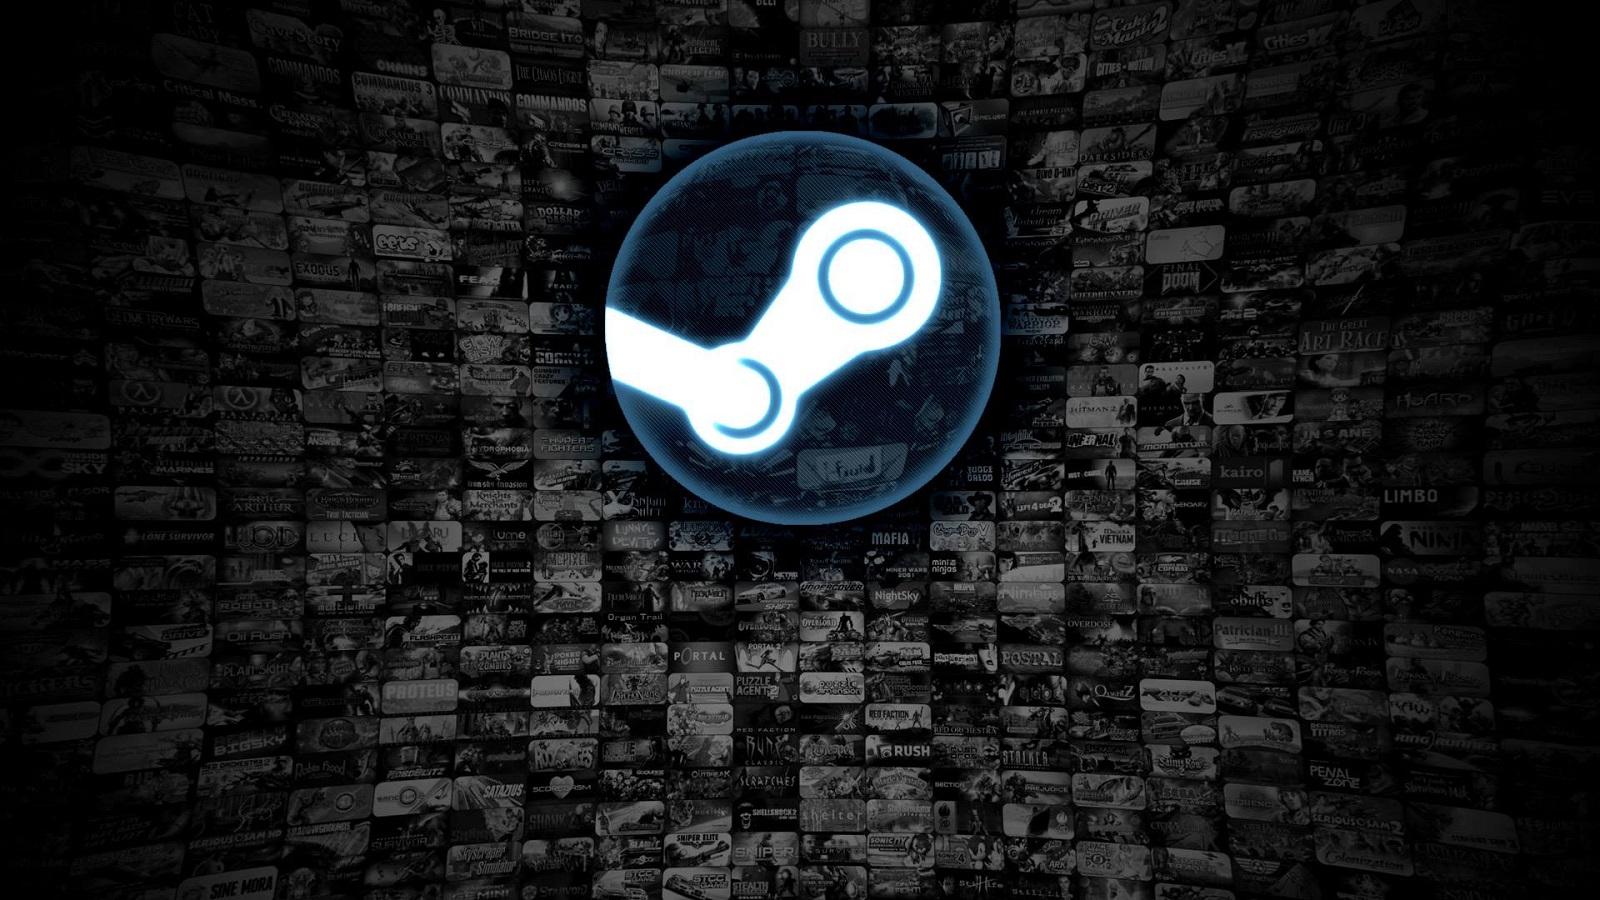 Steam установил новый рекорд по количеству одновременных пользователей — более 25,4 млн человек